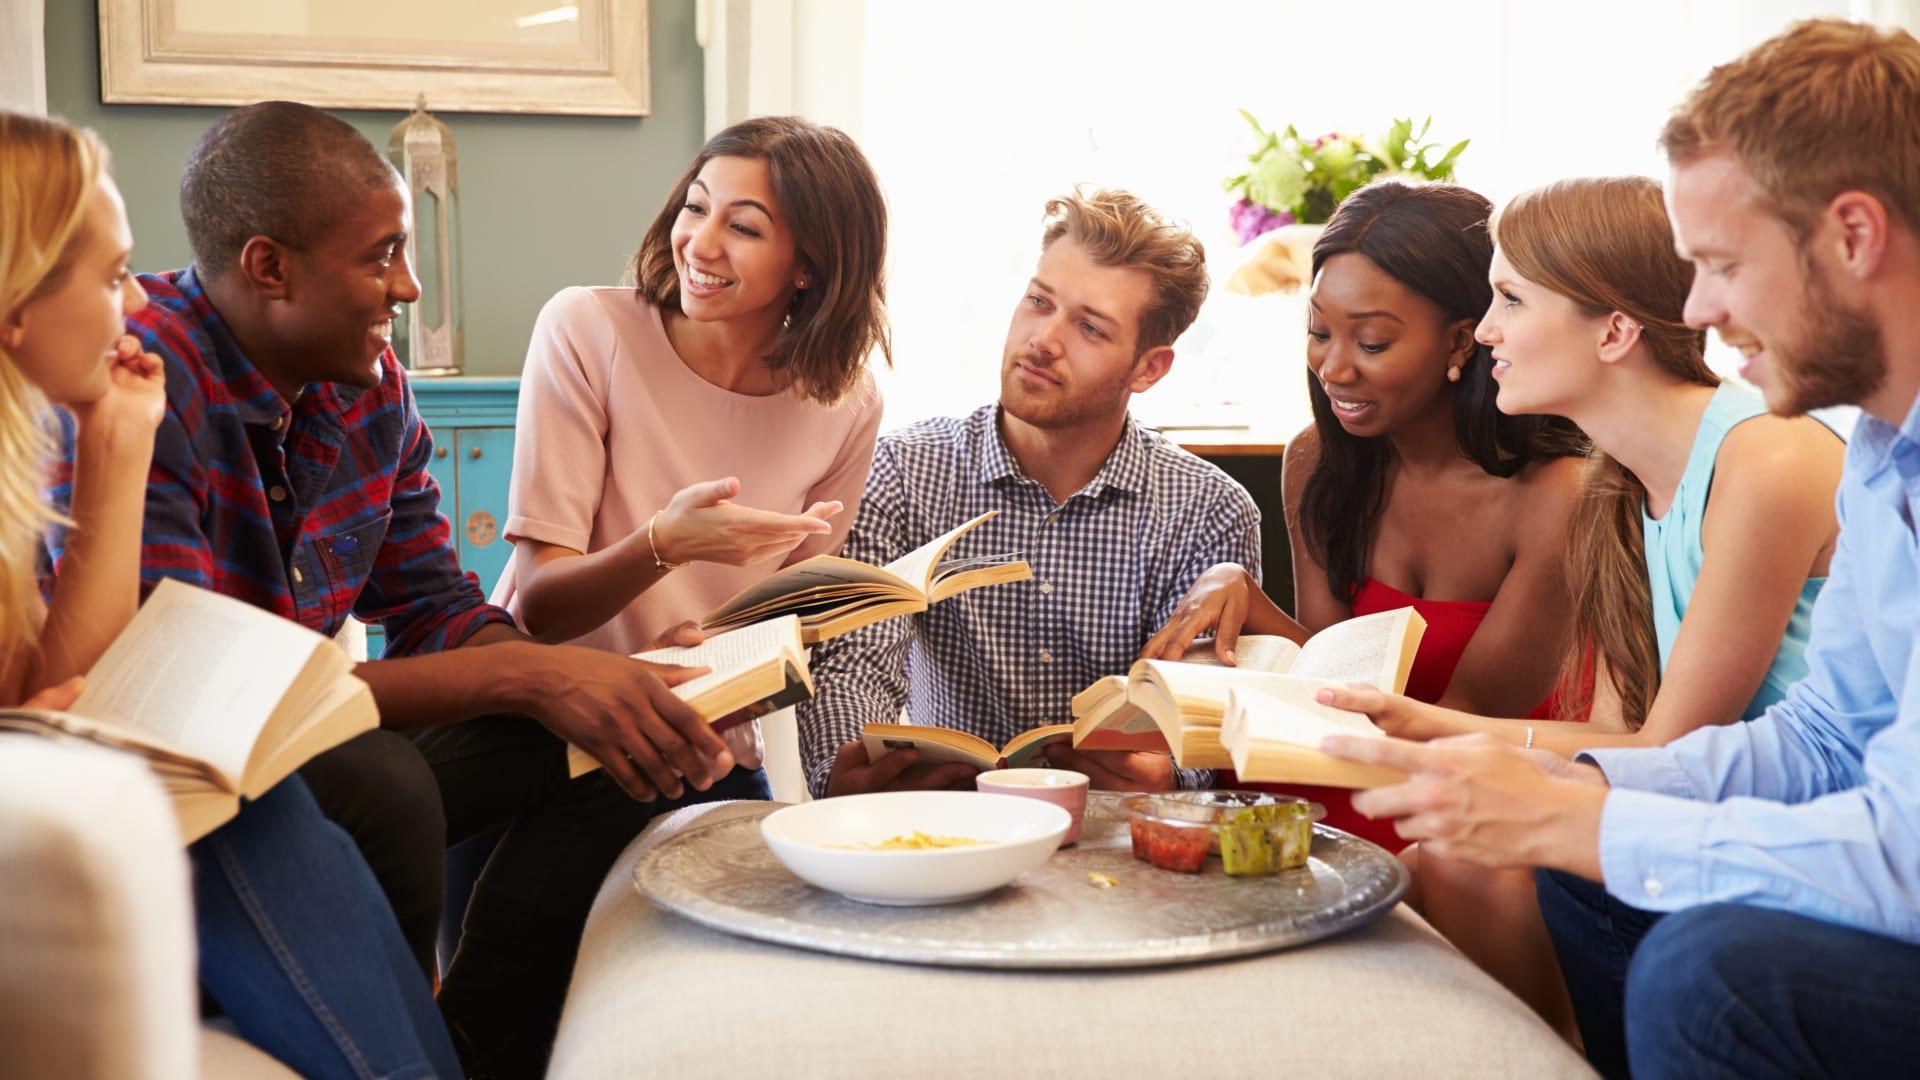 إليك بعض النصائح حول كيفية التجمع بأمان مع أصدقائك وعائلتك خلال العطلات القادمة